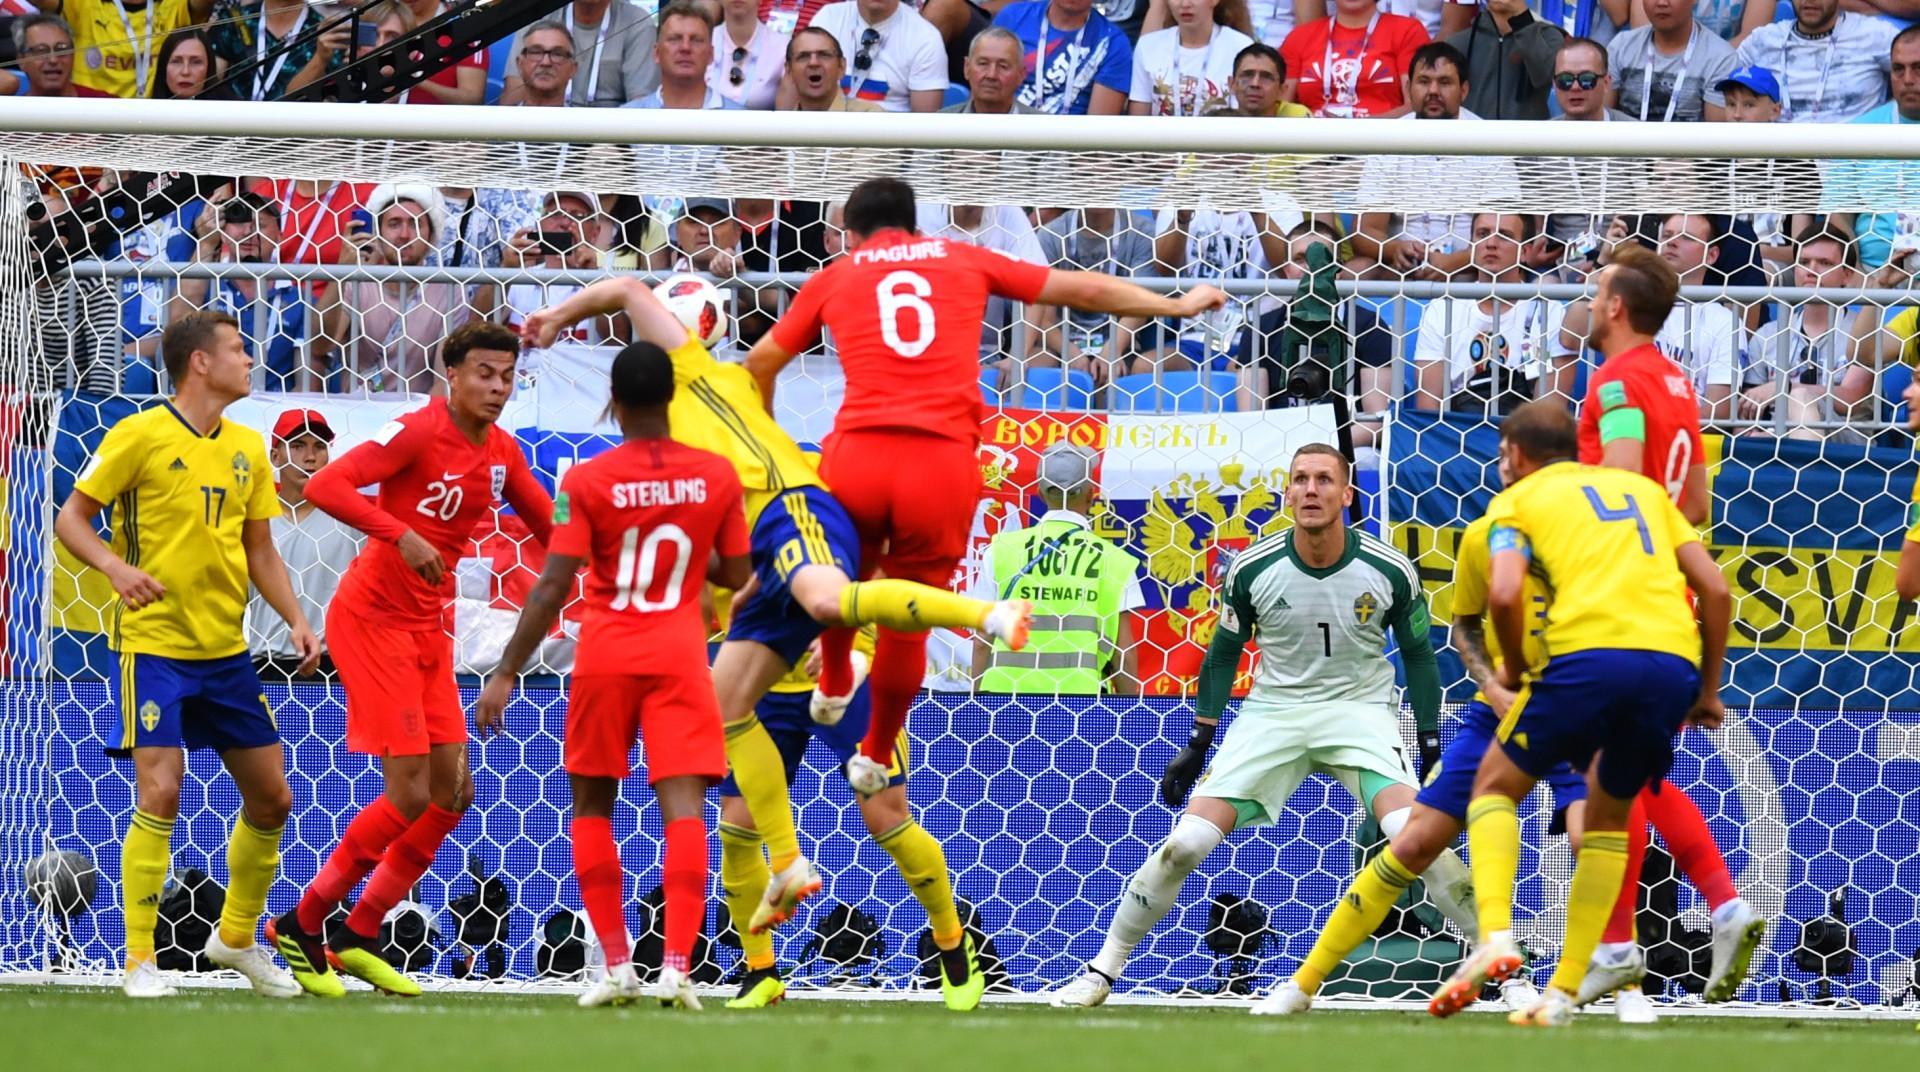 'Bang'! Cabeçada triunfal de Maguire fez 'explodir' o marcador na Rússia